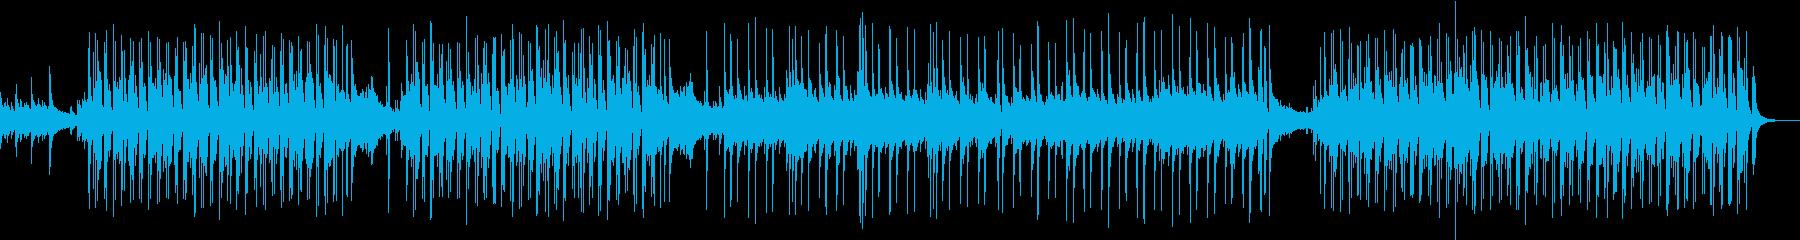 軽快なリズムと優しいフルートのボサノバの再生済みの波形